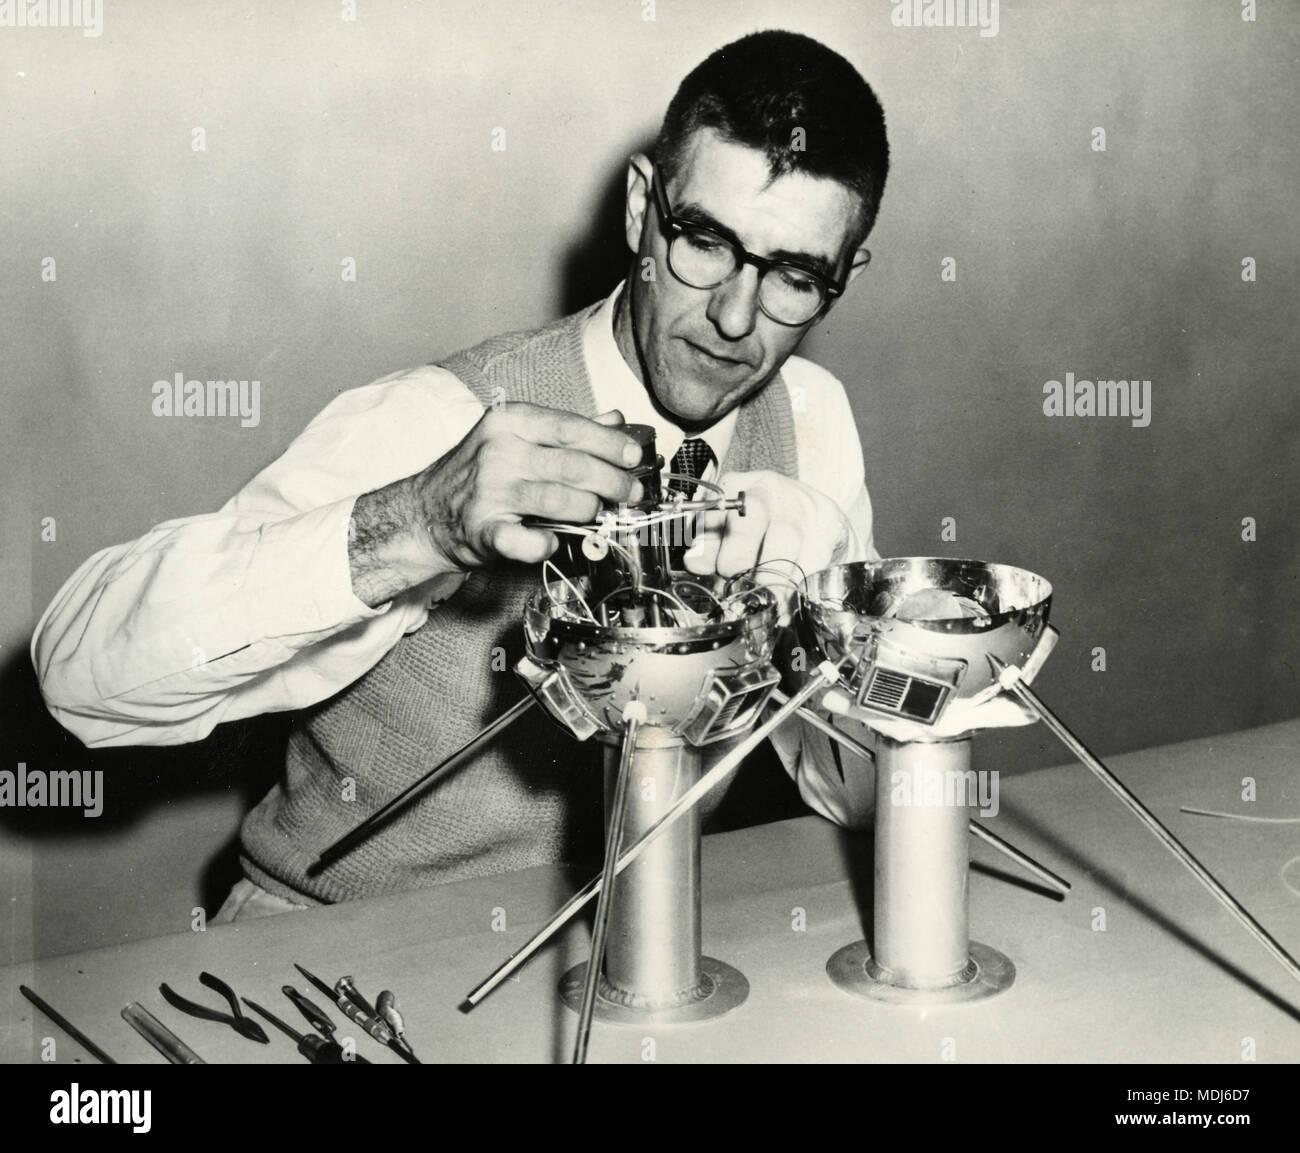 Bâtiment scientifique de satellites artificiels, USA 1950 Photo Stock